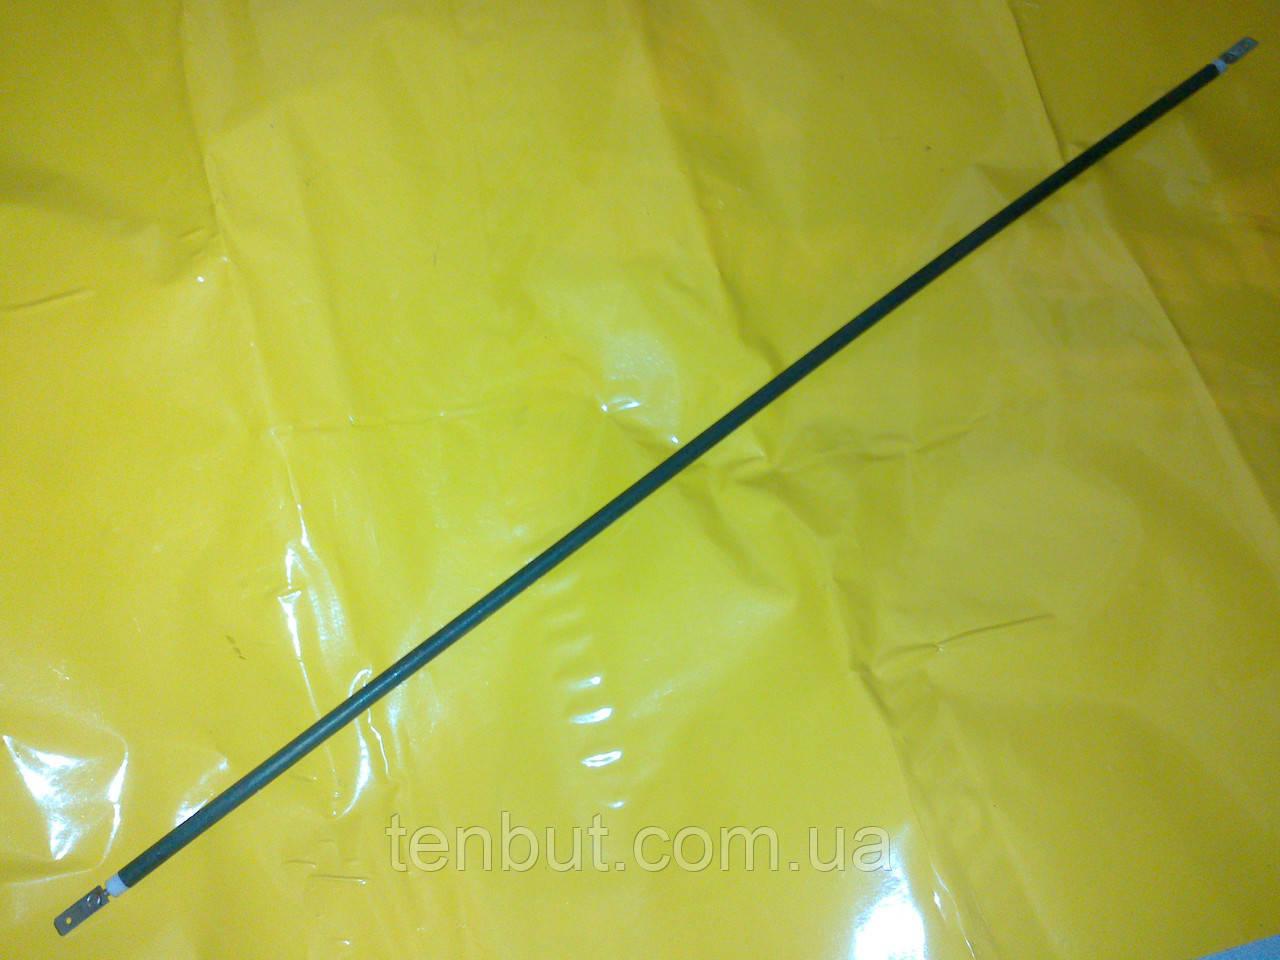 Гибкий воздушный тэн Ф-8 мм./ L-250 см./ 2.5 кВт. производство Турция Sanal